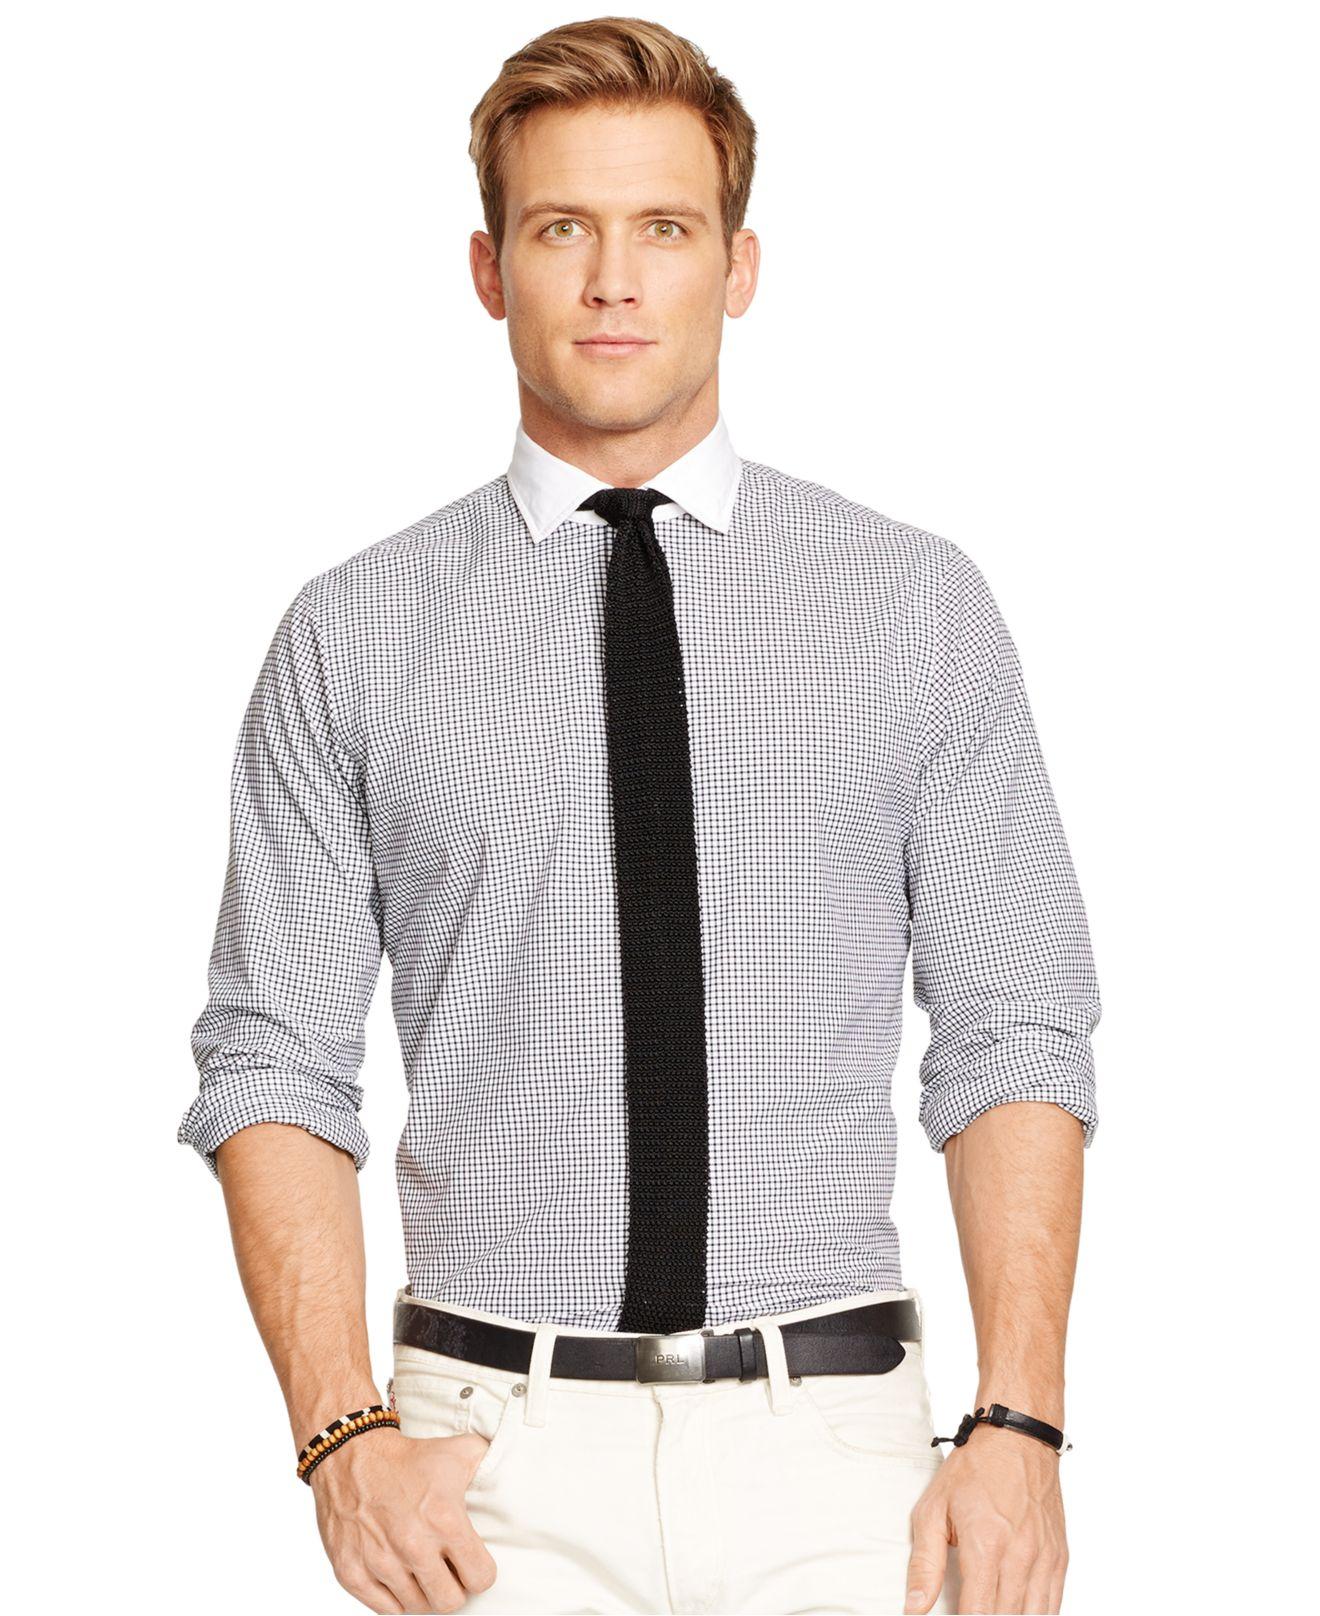 e7f636e880f48 ... netherlands lyst polo ralph lauren checked poplin estate shirt in white  for men 3f00c 38910